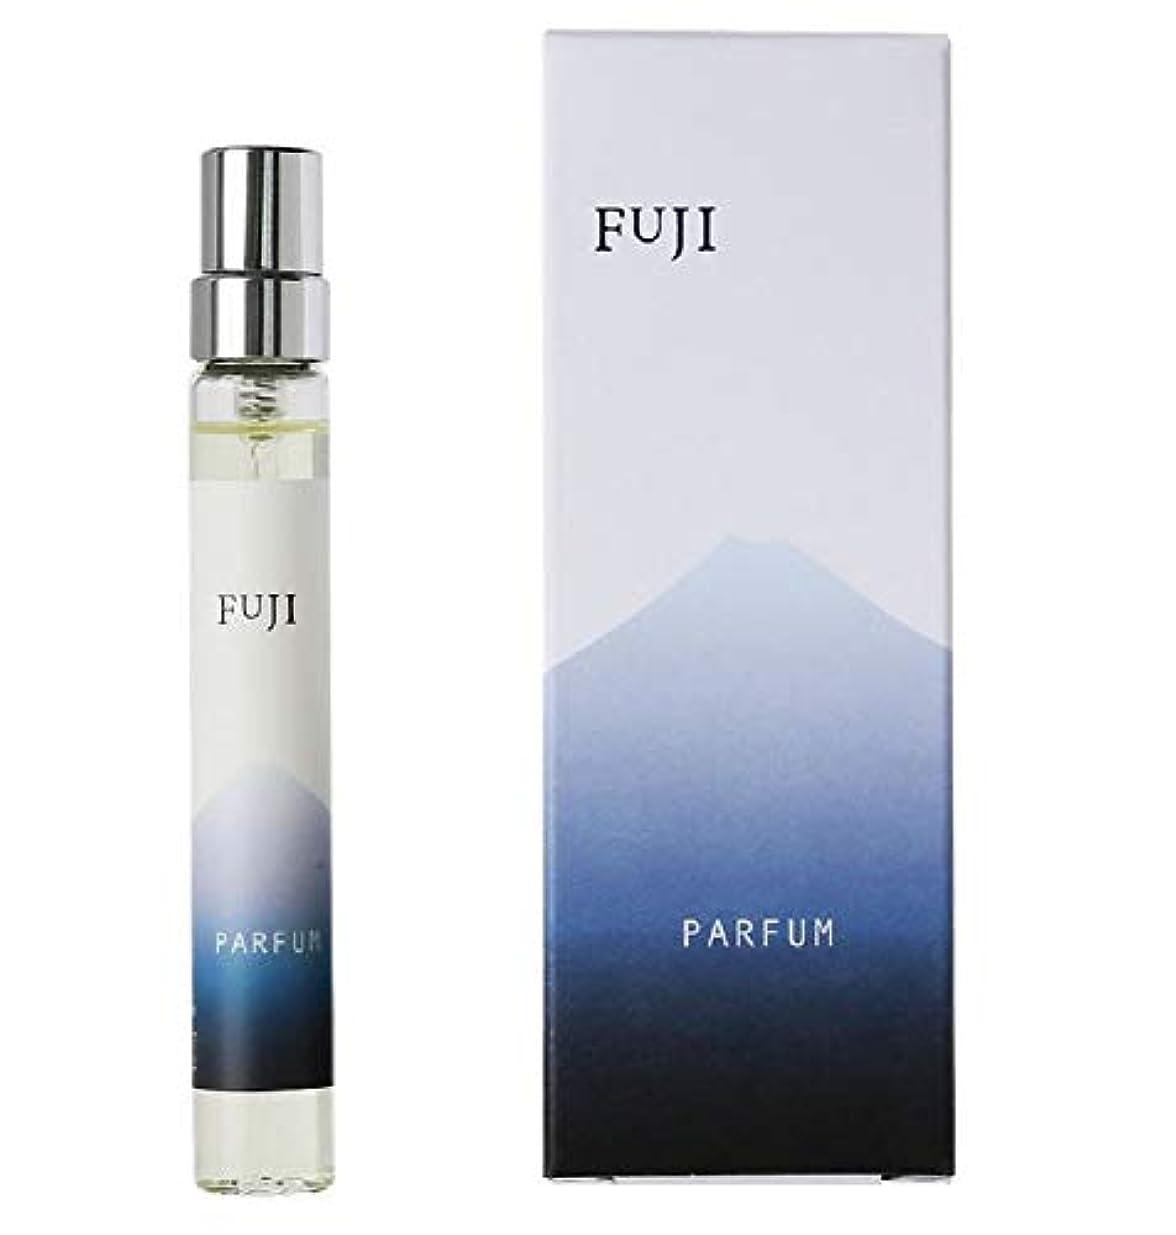 小さい以来懲らしめパルファム フジ fuji 香水「PARFUM FUJI(パルファム?フジ)」